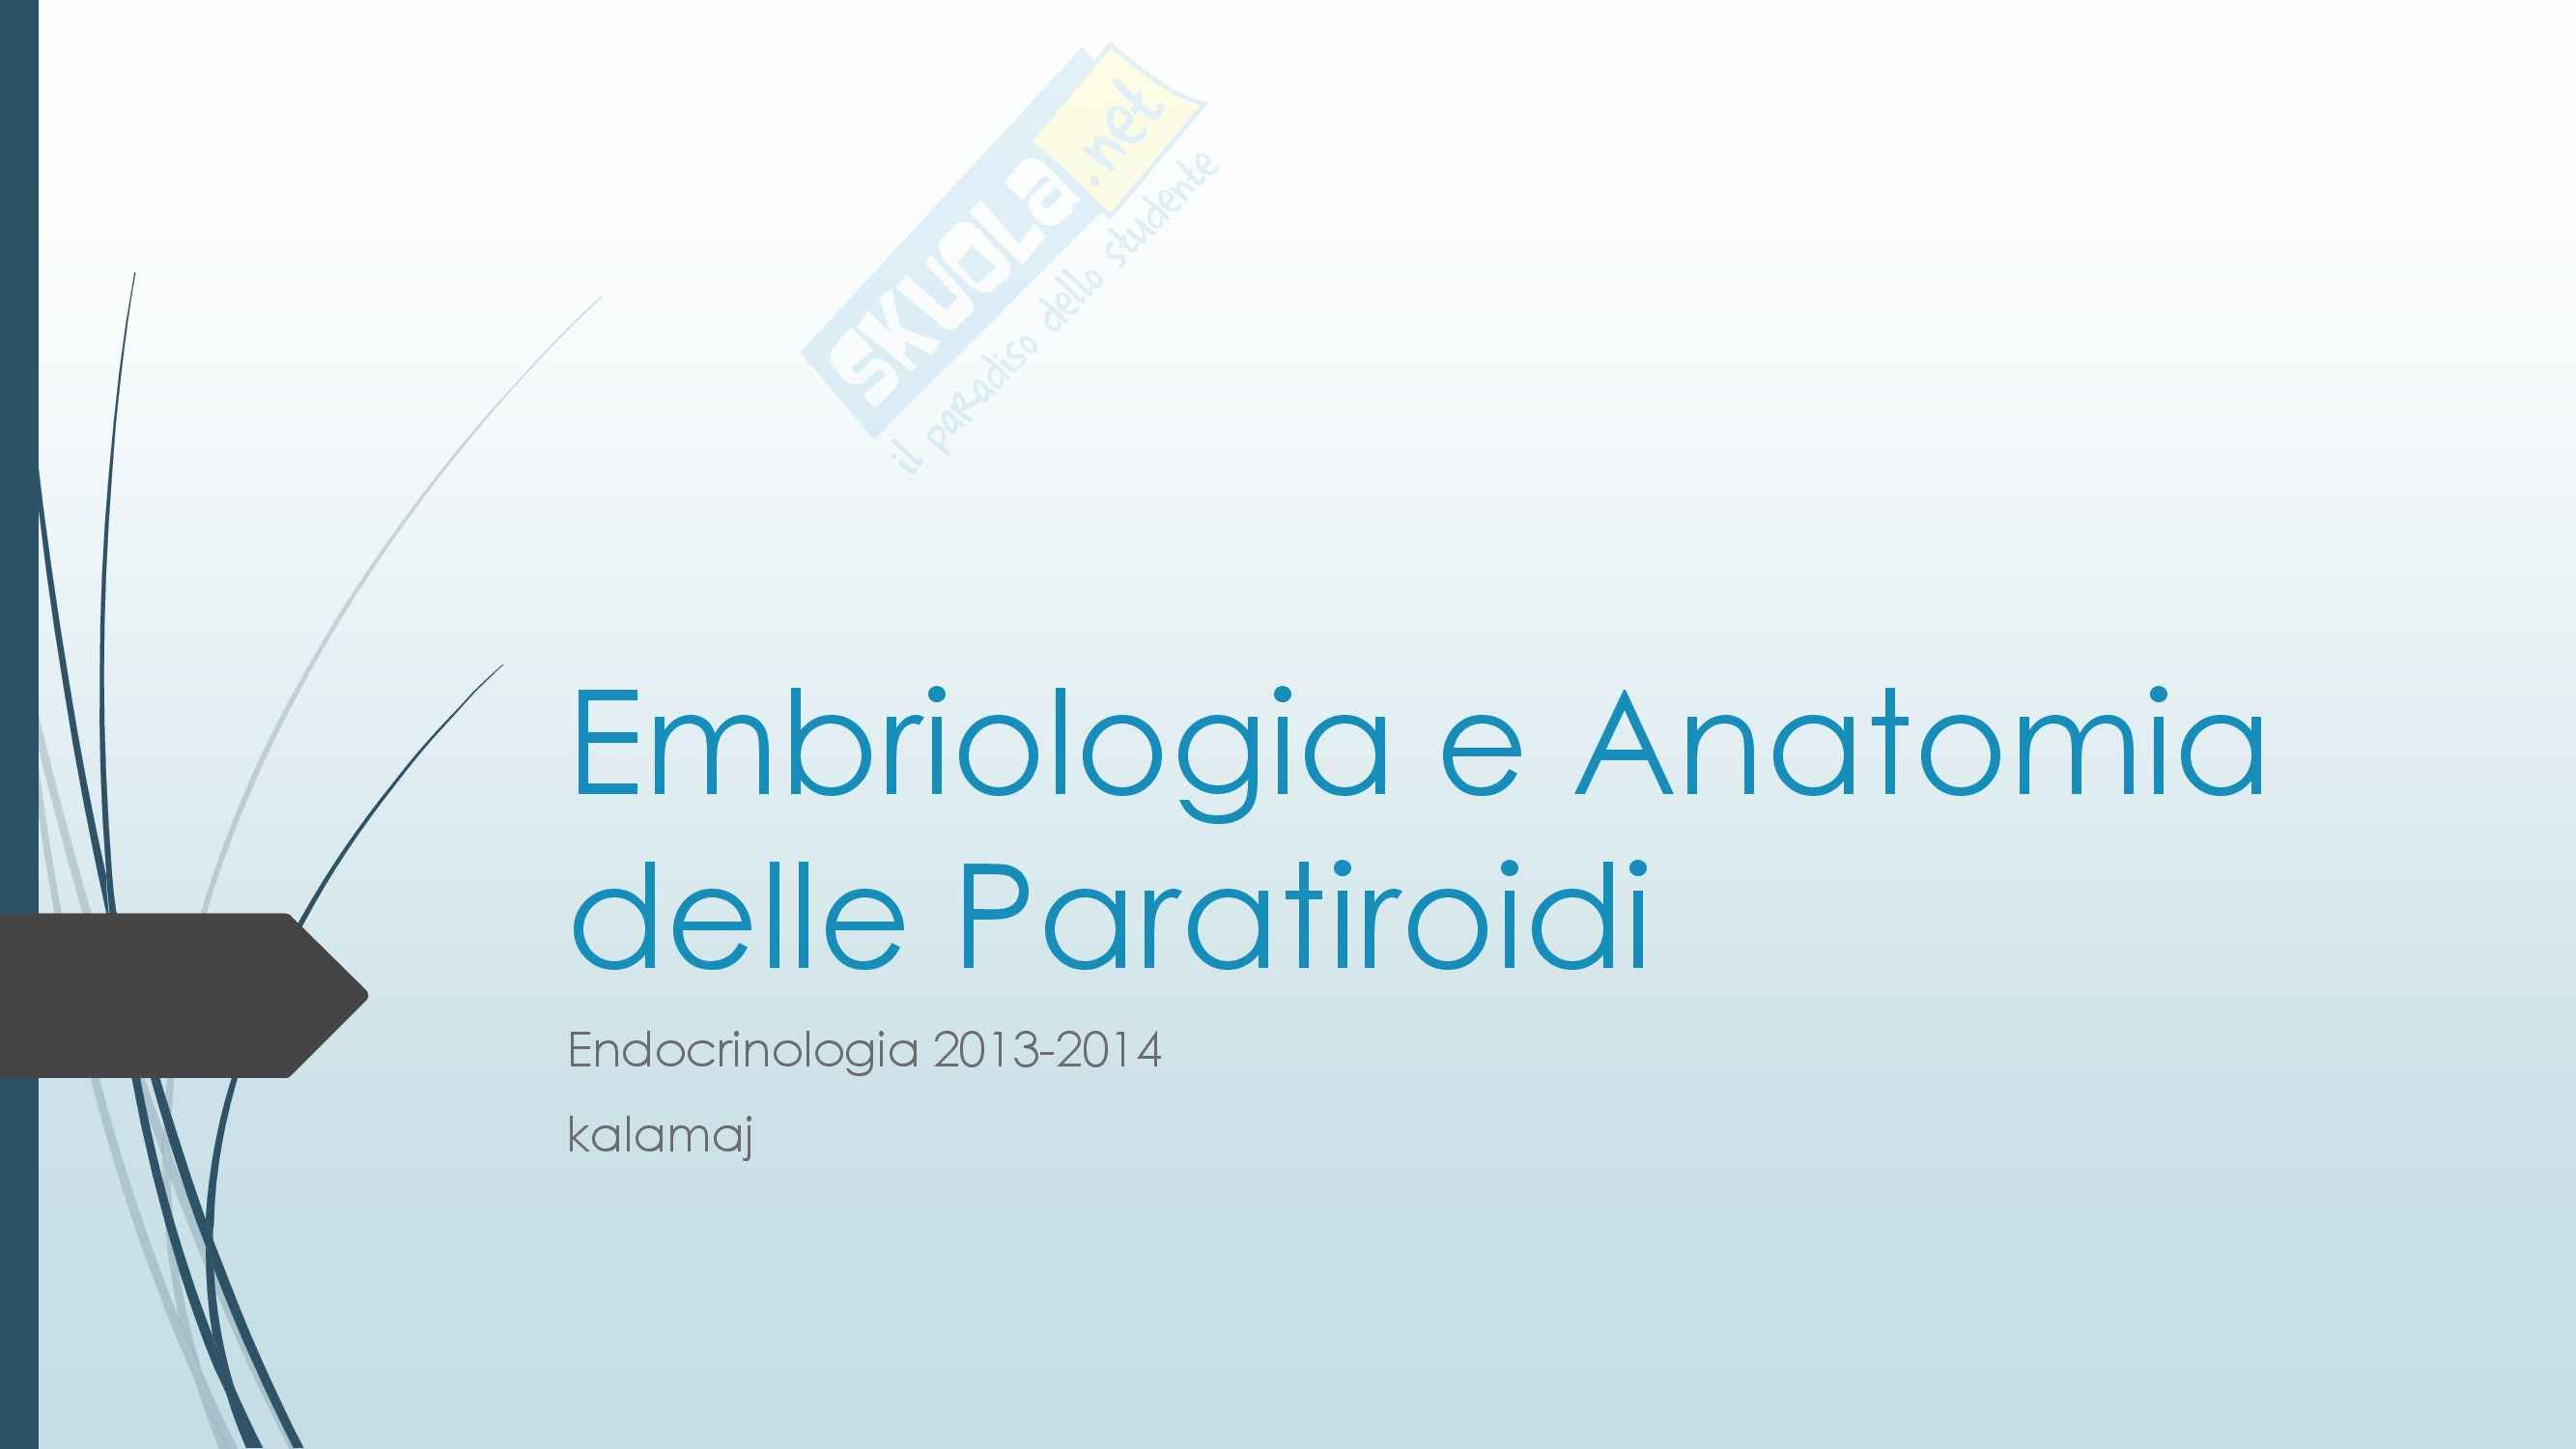 Endocrinologia - Embriologia e Anatomia delle Paratiroidi